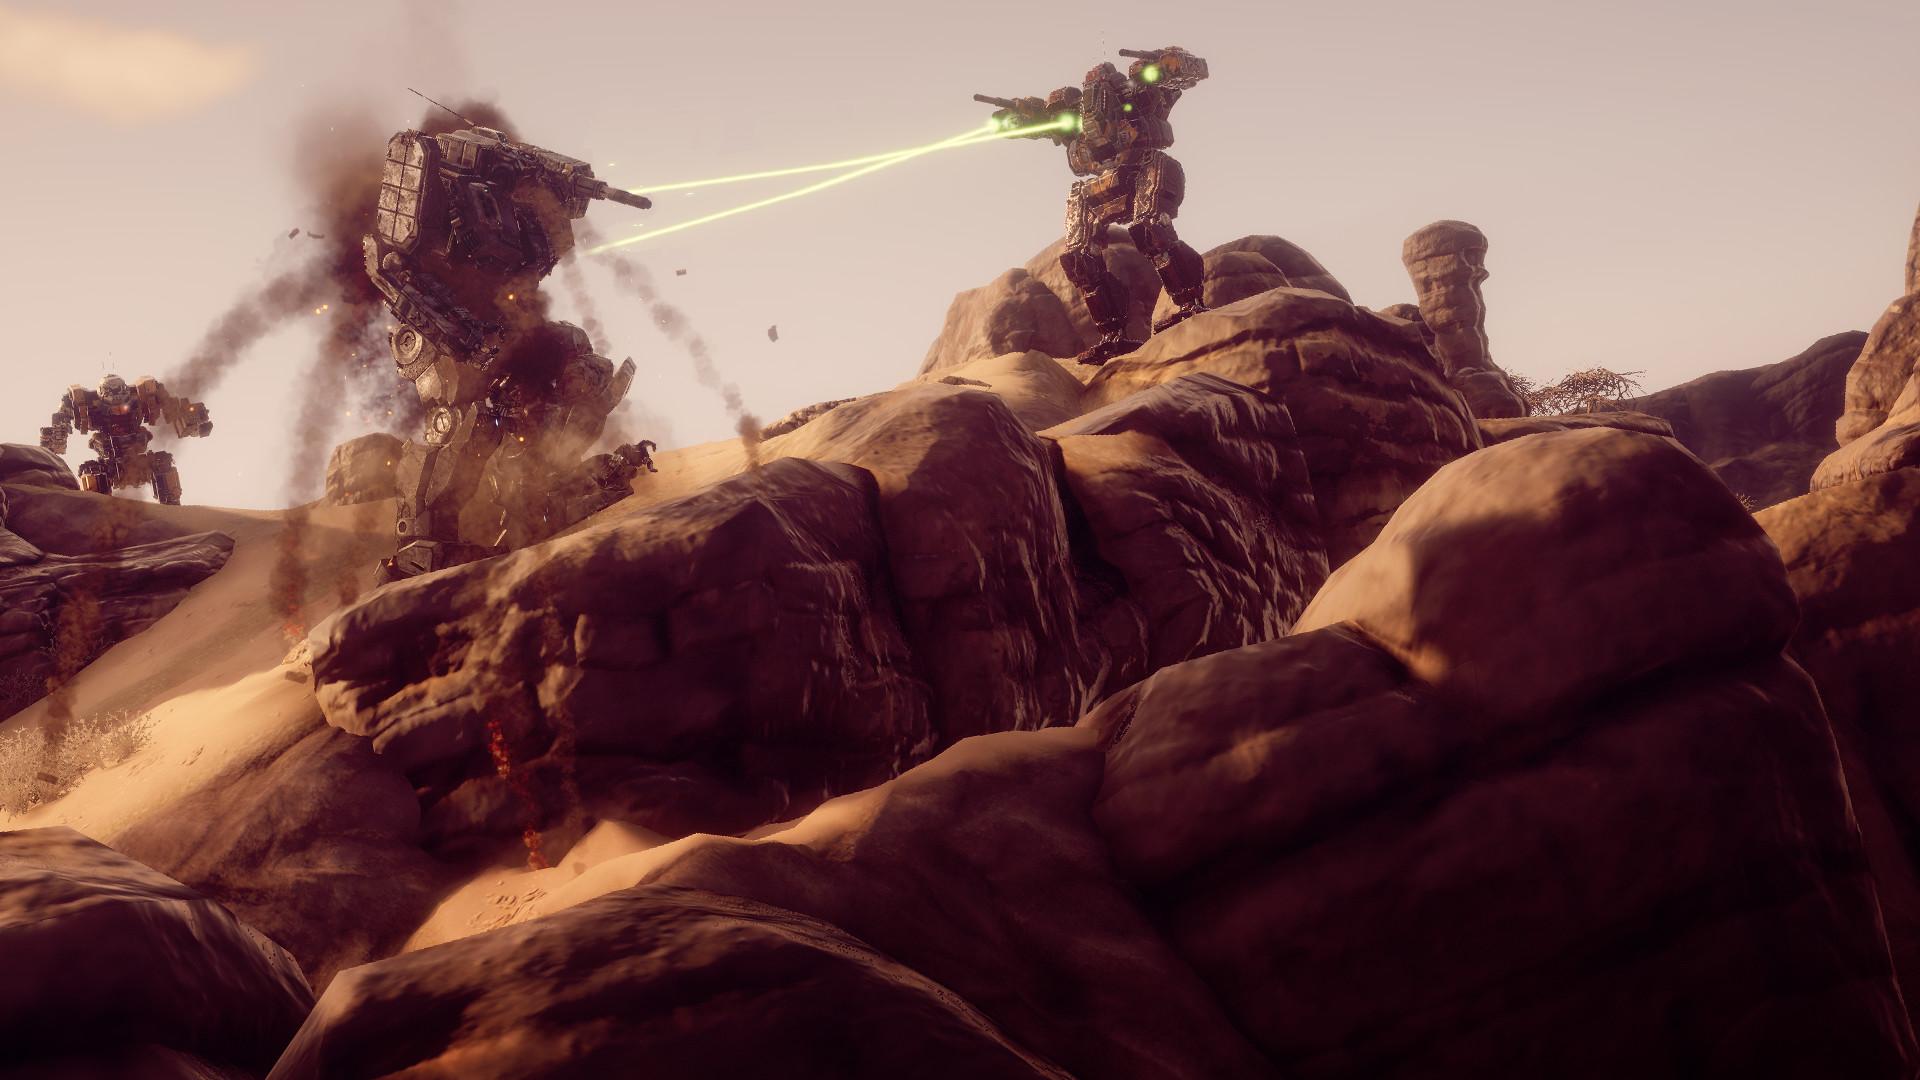 battletech-mercenary-collection-pc-screenshot-02